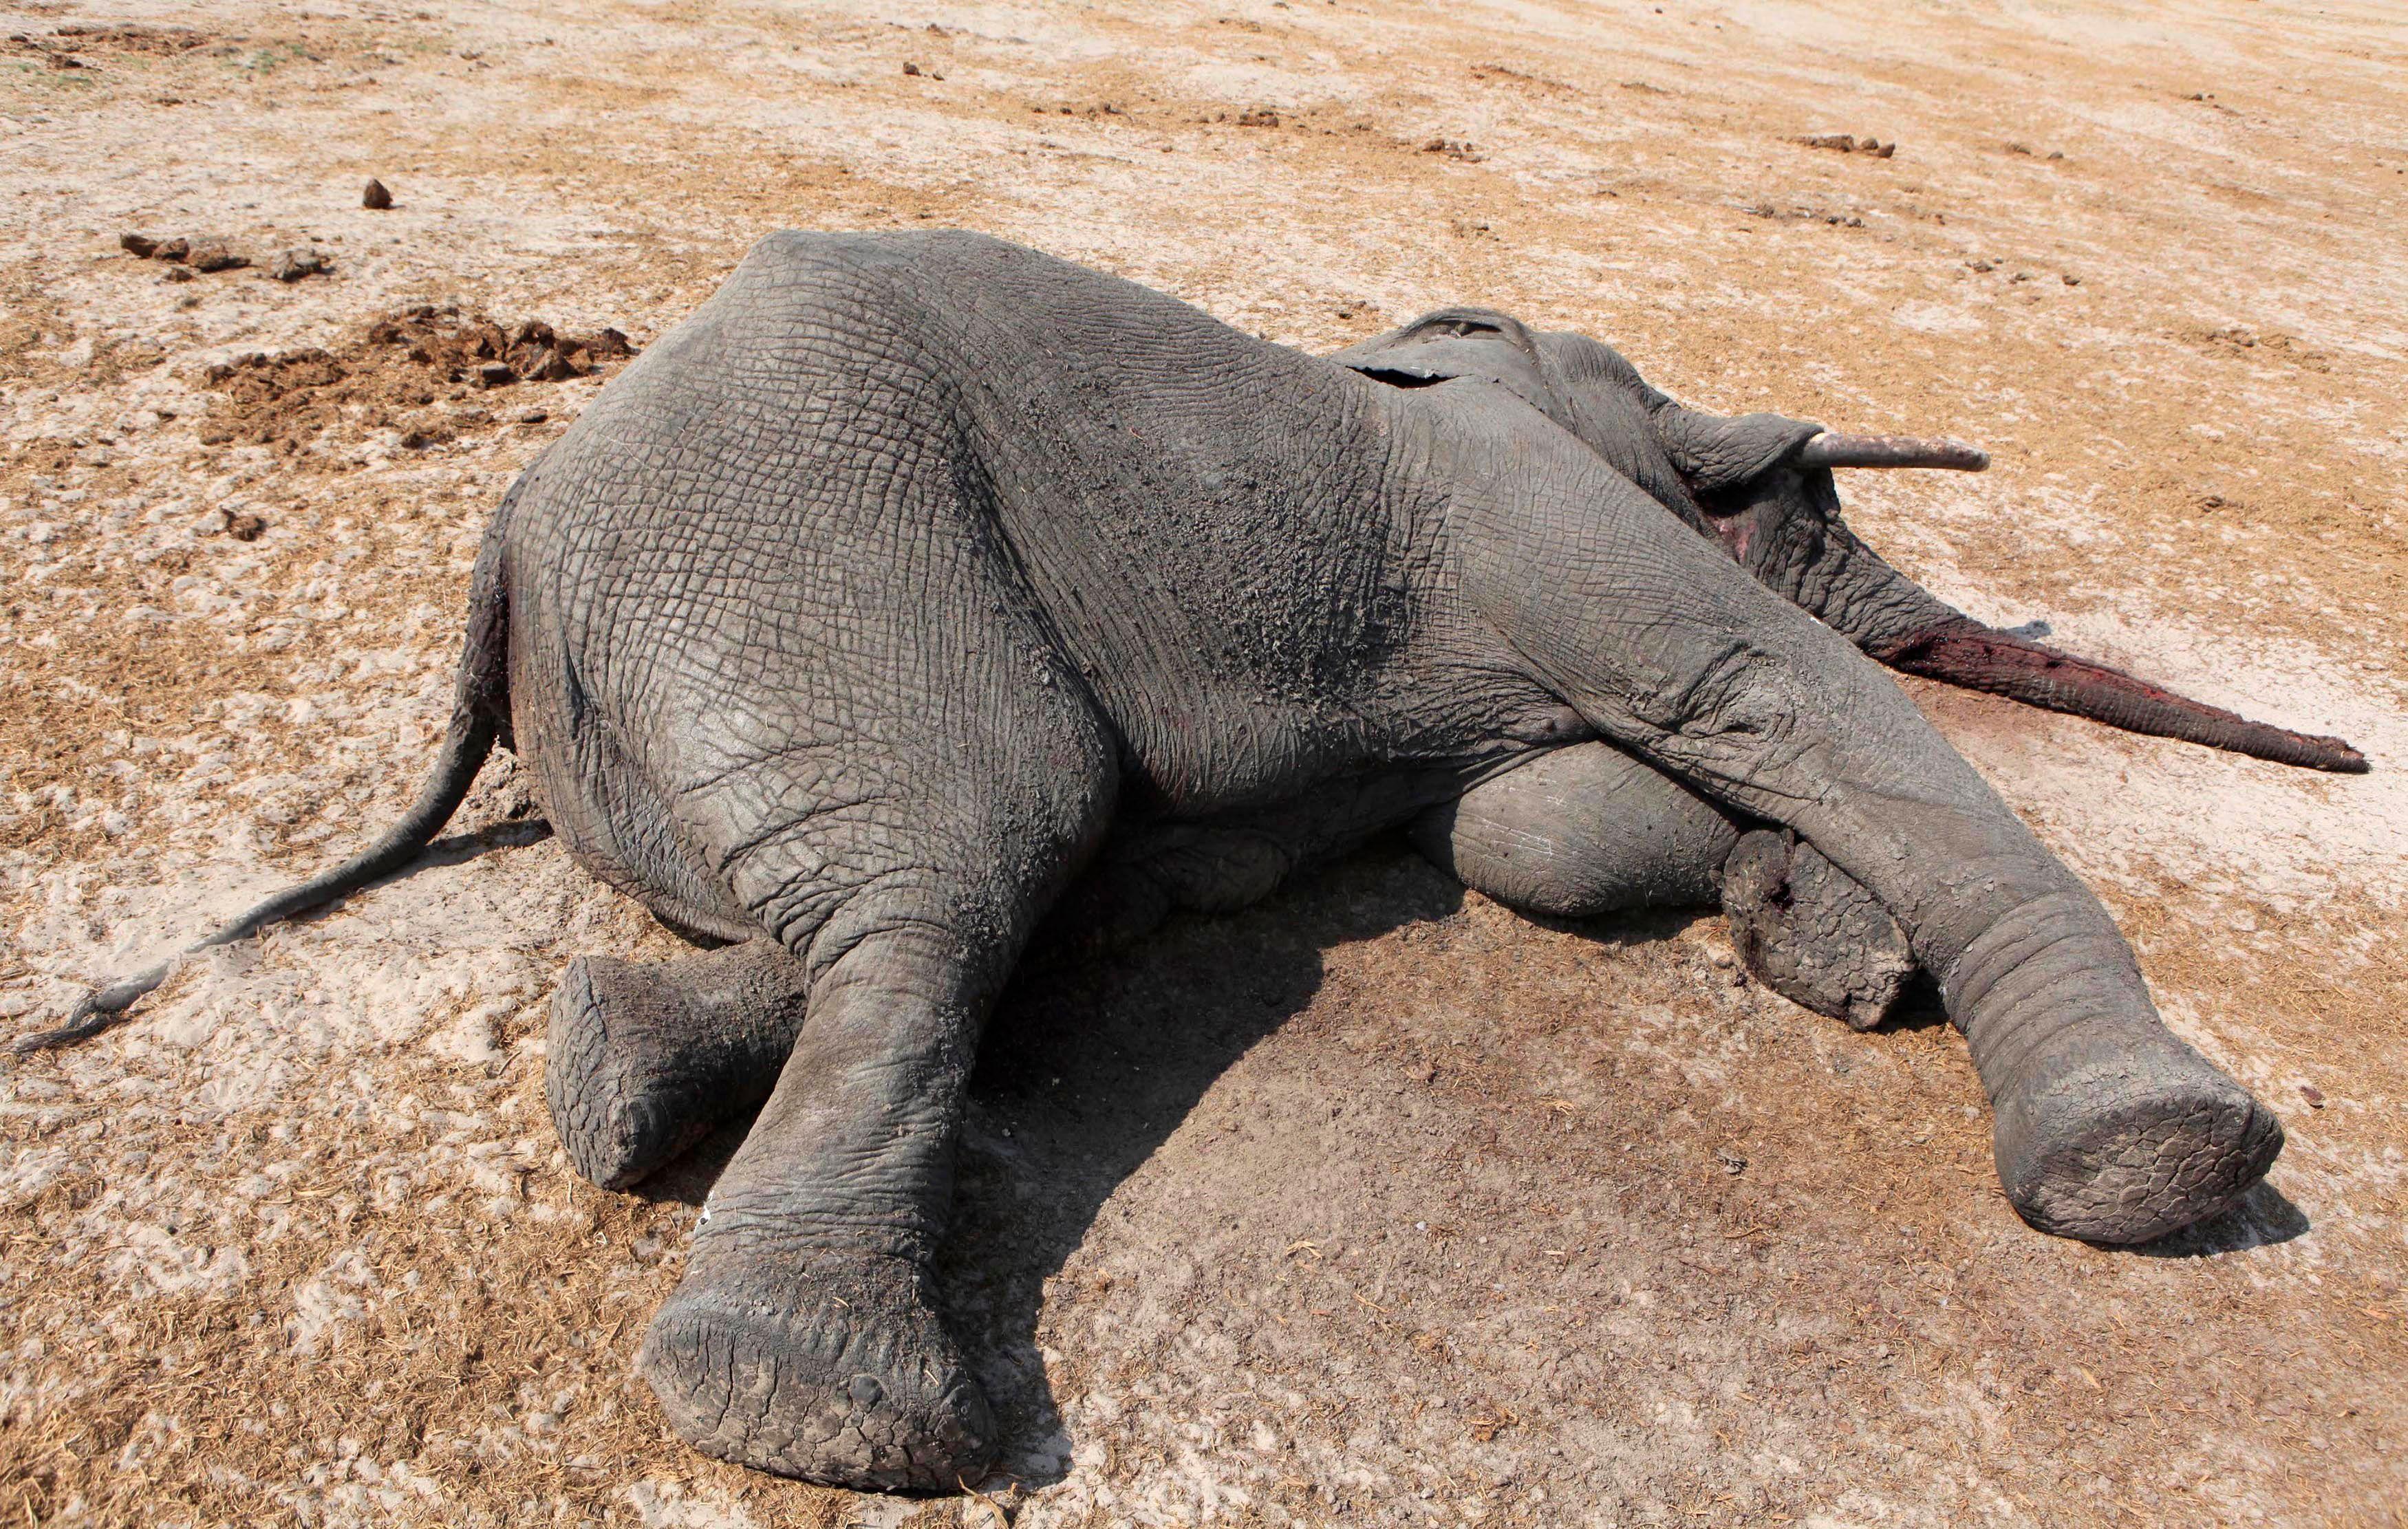 Depuis quatre ans, le prix de l'ivoire est passé de 550 euros le kilo en 2010 à 1 540 euros cette année